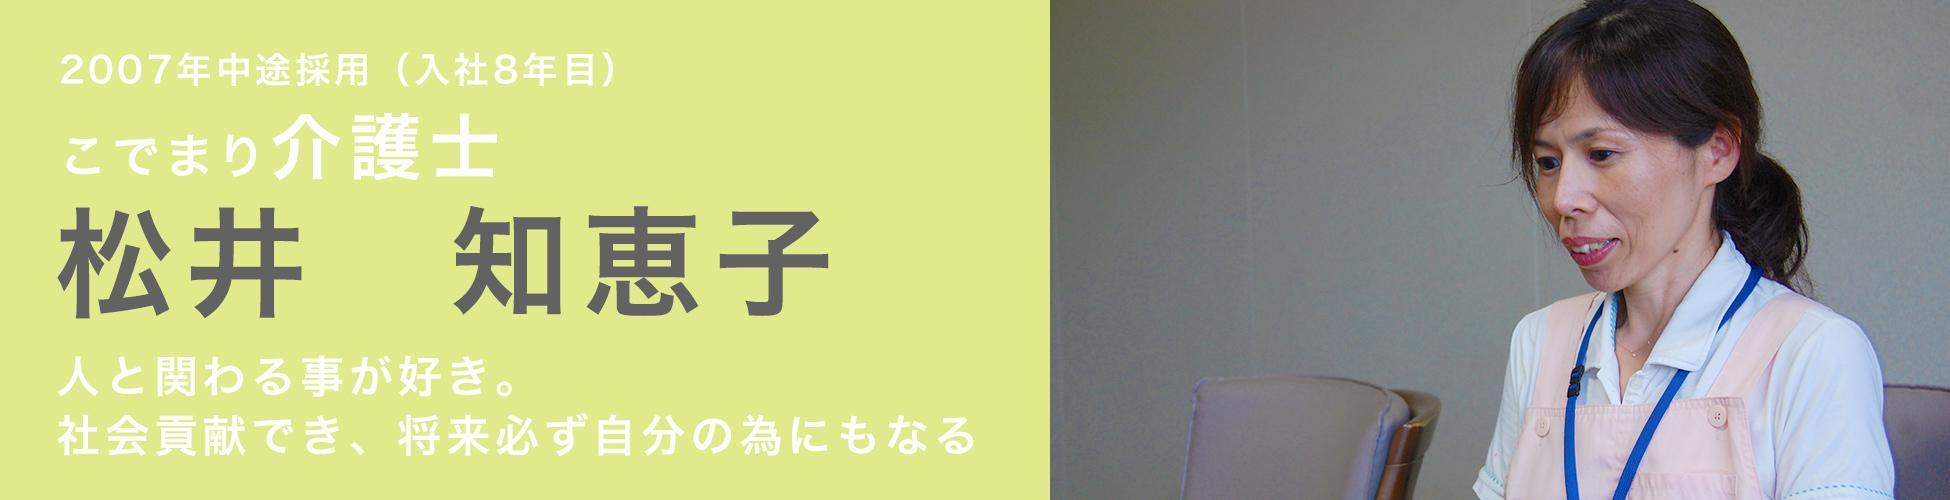 松井 知恵子